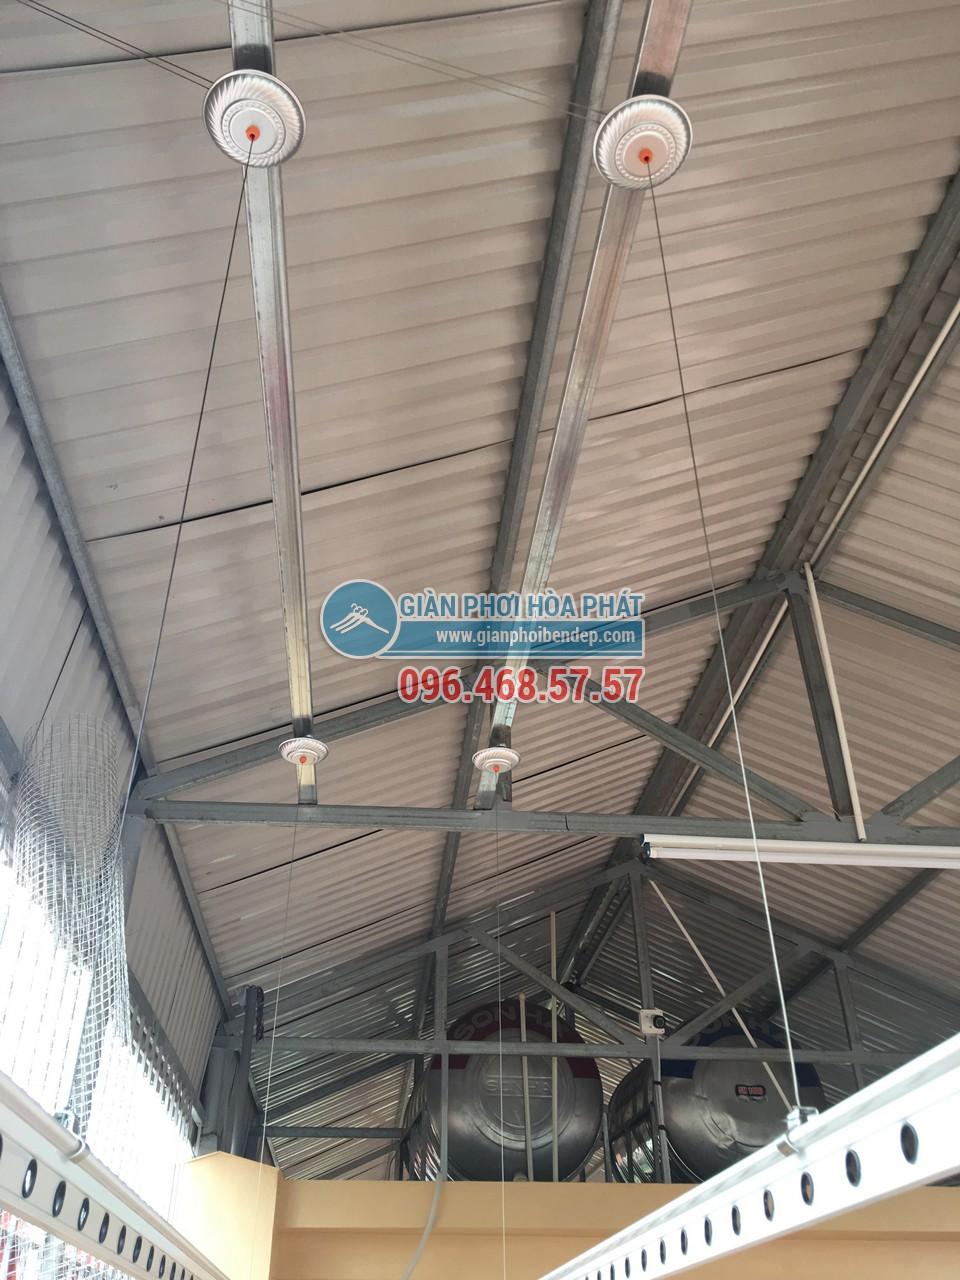 Giải pháp lắp đặt giàn phơi thông minh cho trần mái tôn - 01